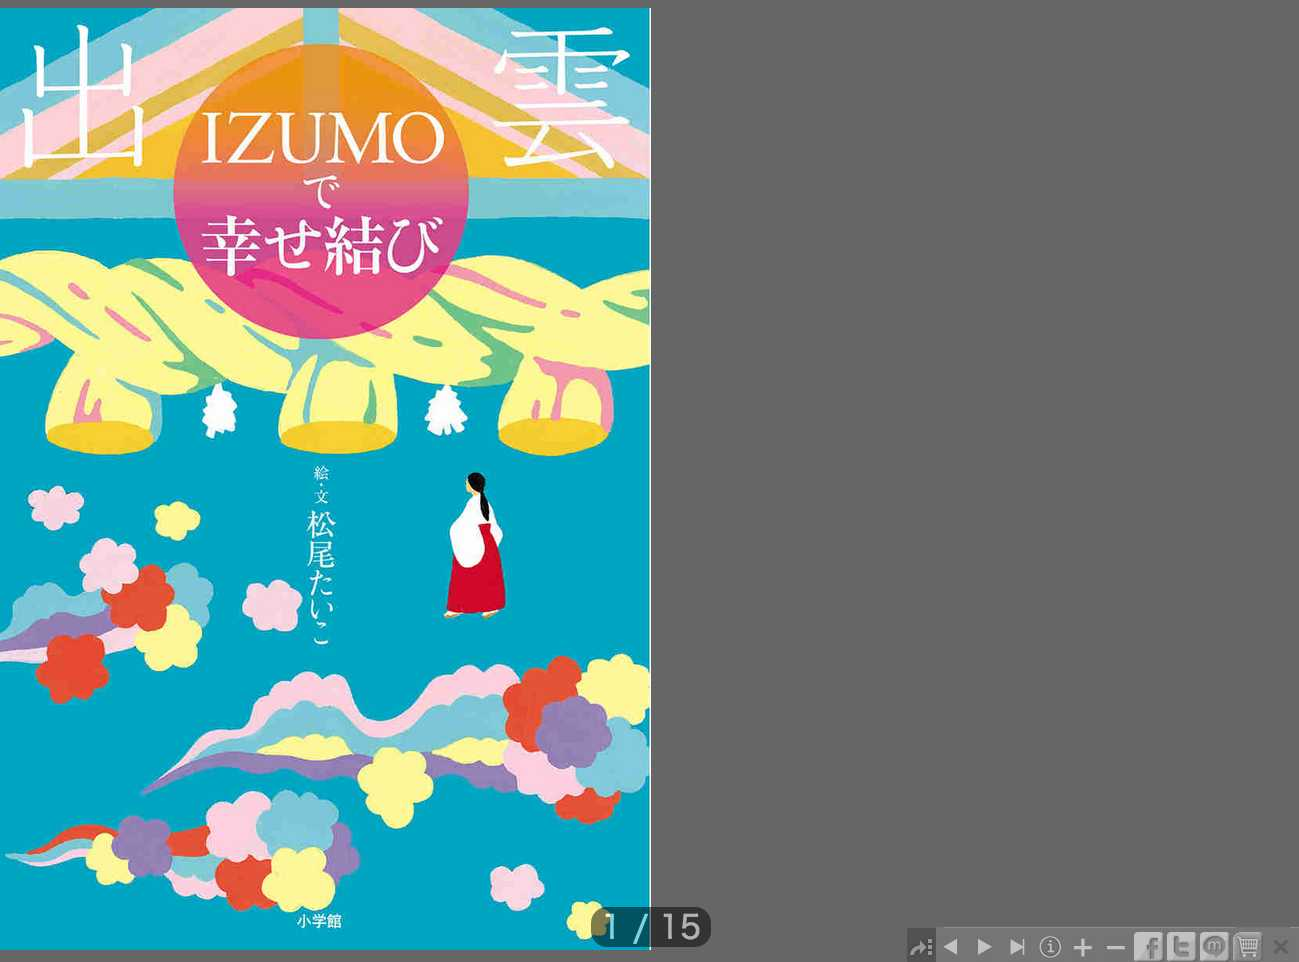 ためし読みできます♪:旅イラストエッセイ「出雲IZUMOで幸せ結び」小学館_d0339885_13055932.png